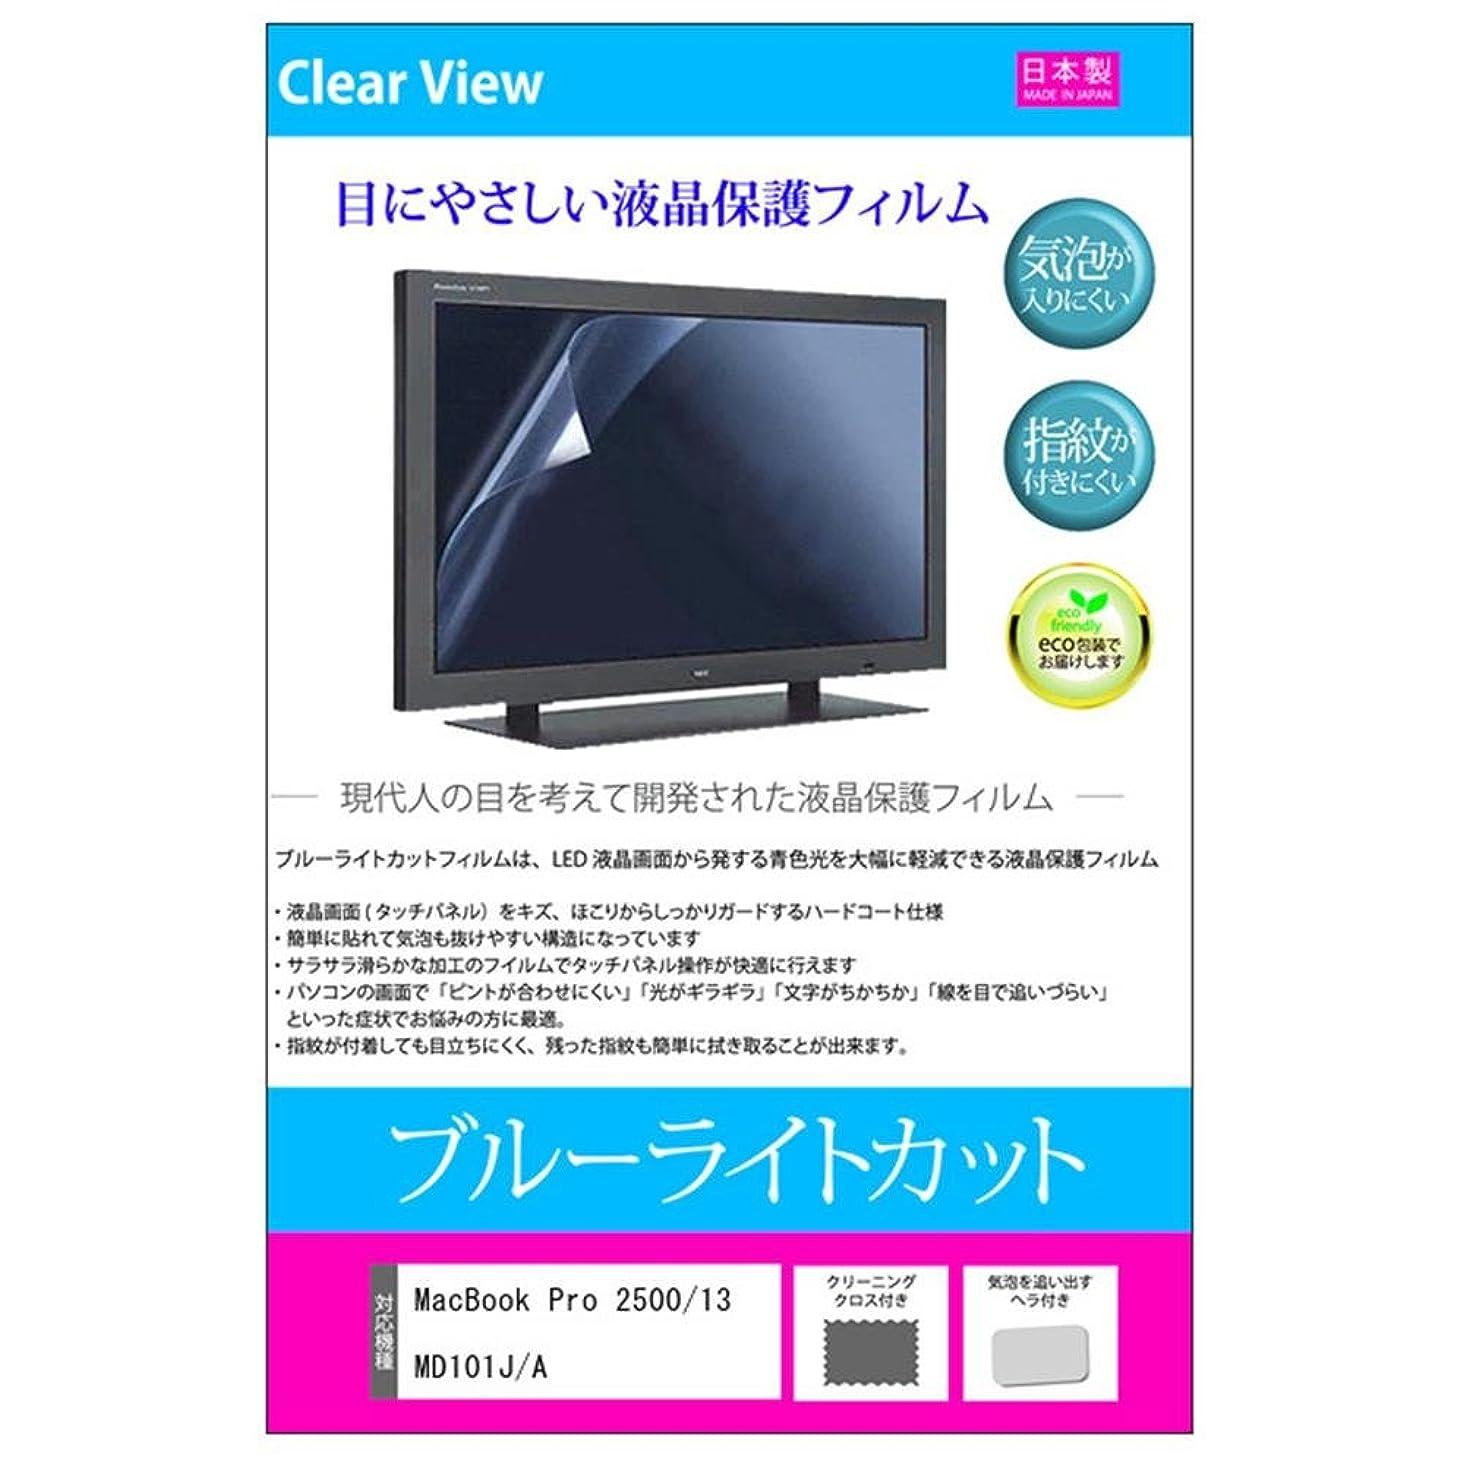 持つ肘掛け椅子恥ずかしさメディアカバーマーケット MacBook Pro 2500/13 MD101J/A [13.3インチ(1280x800)]機種用 【ブルーライトカット 反射防止 指紋防止 気泡レス 抗菌 液晶保護フィルム】